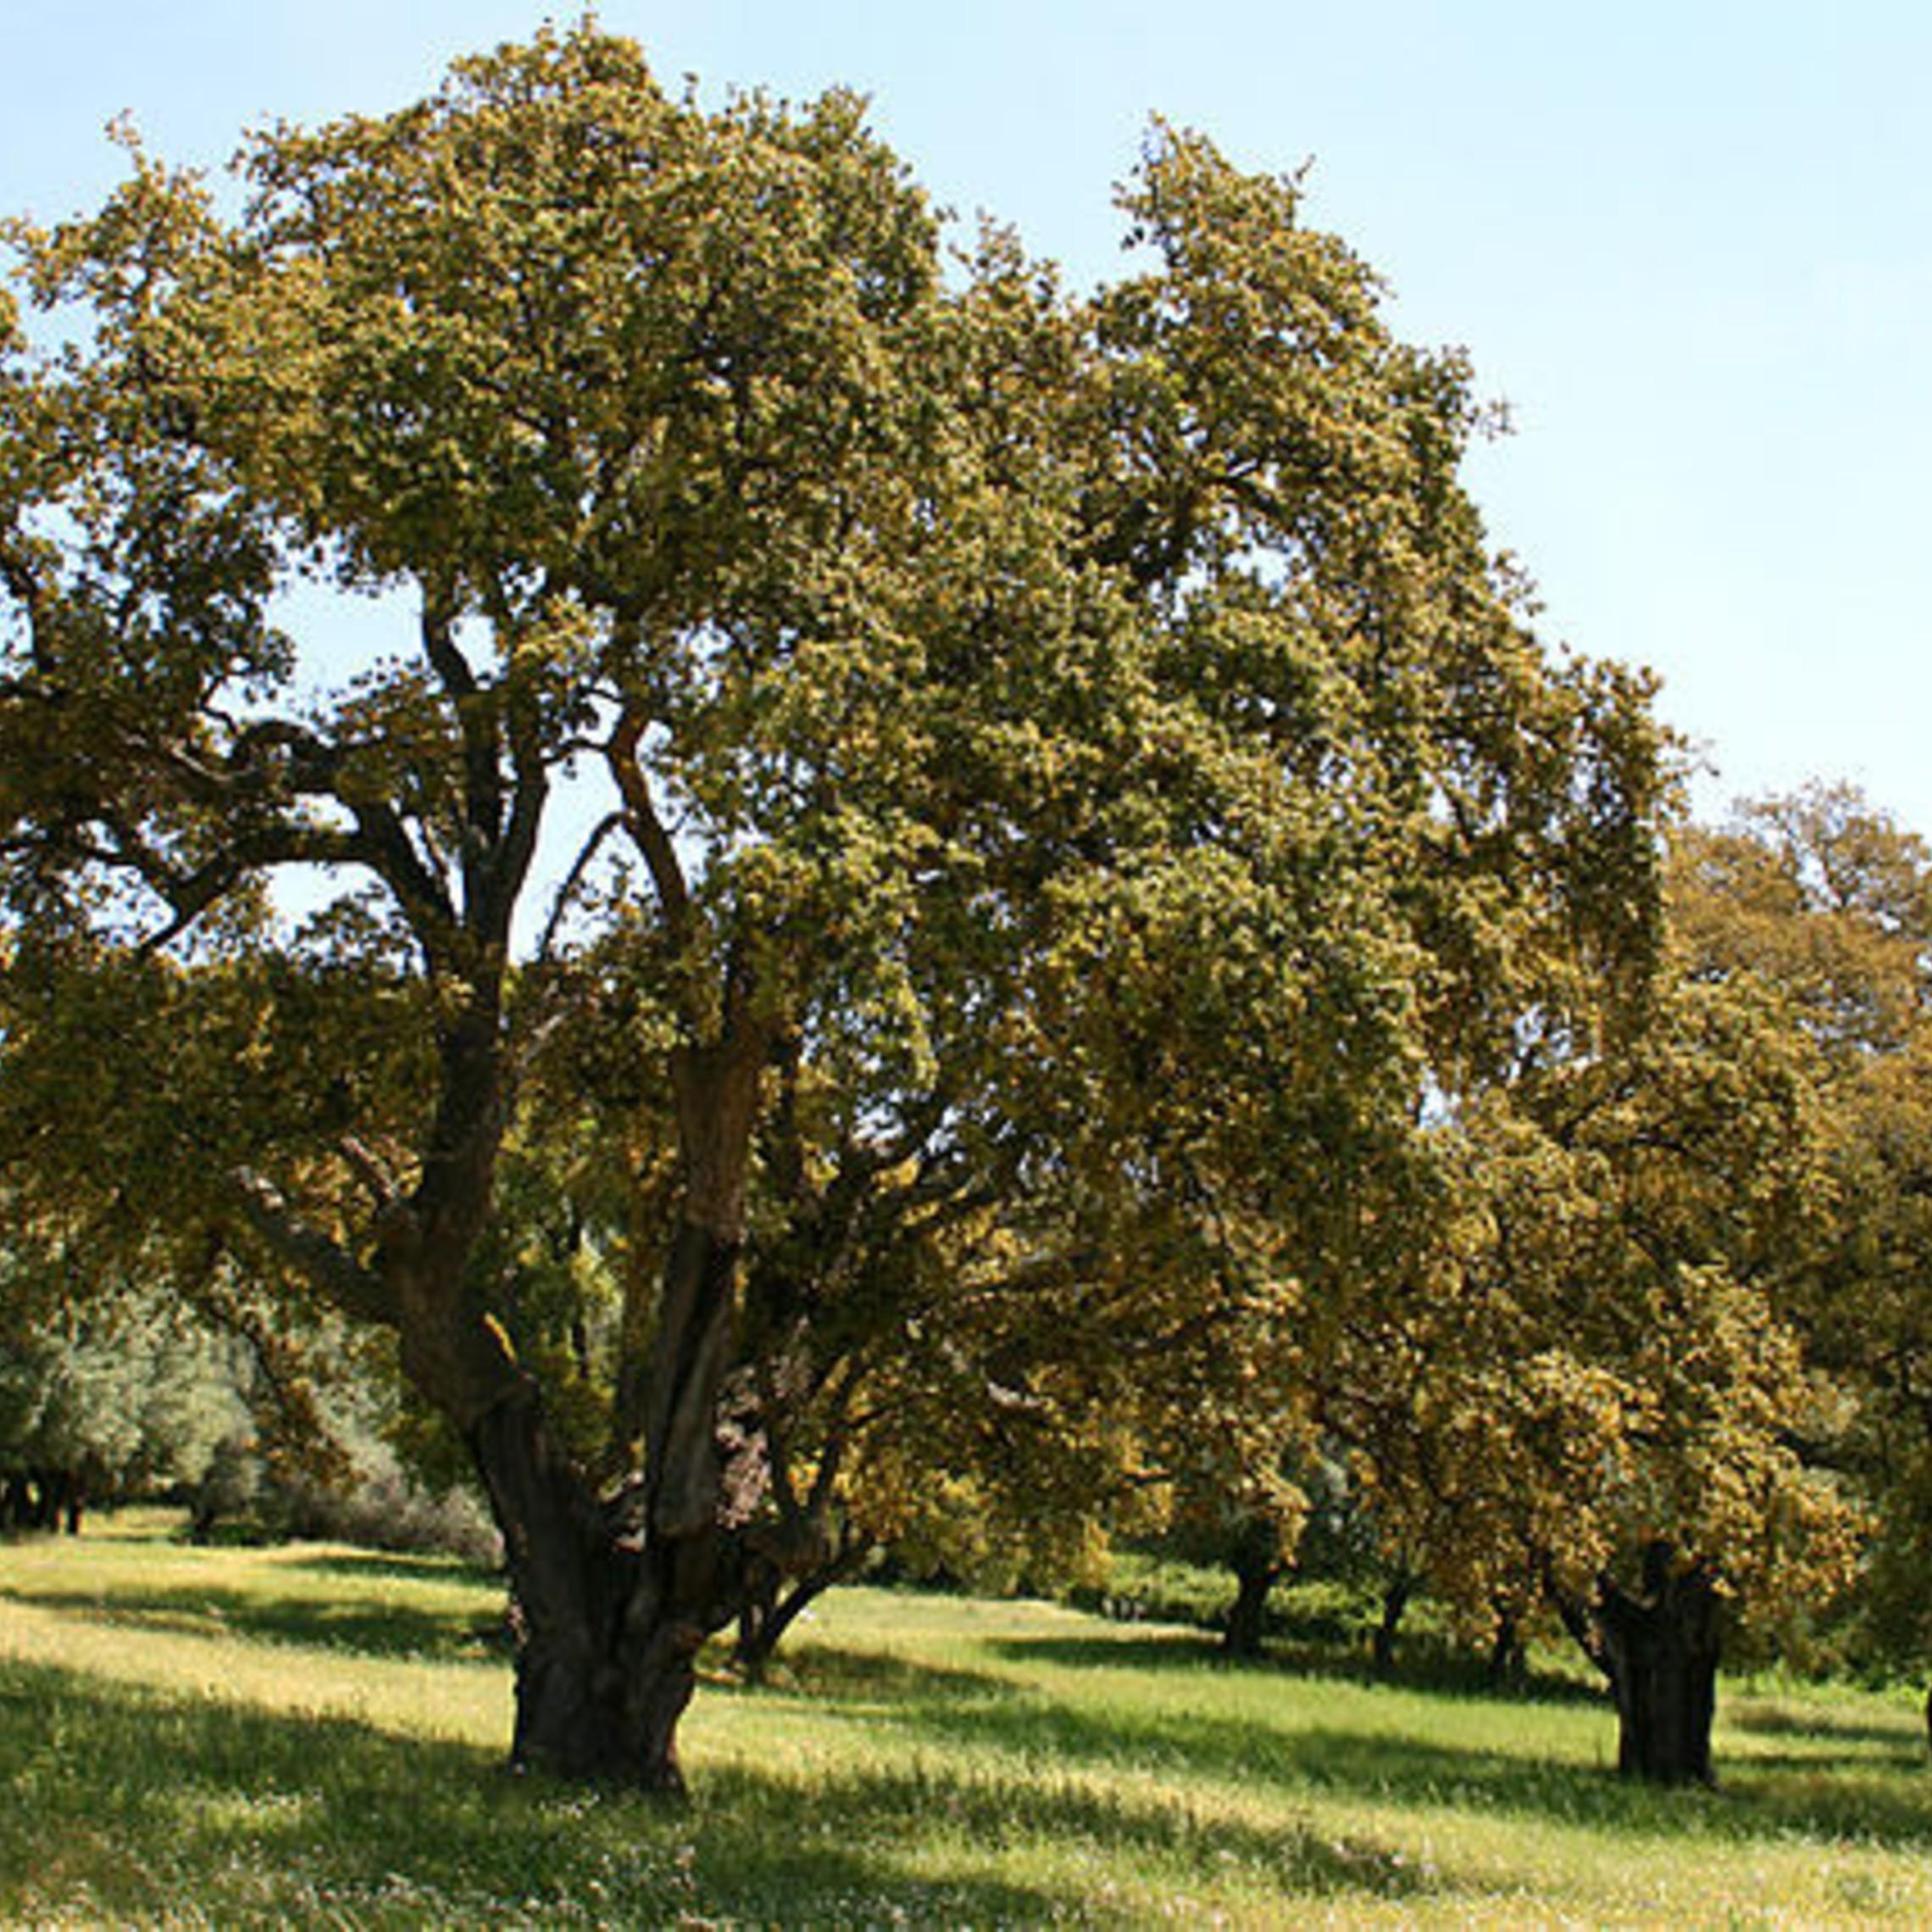 640px Quercus Suber Jpg1